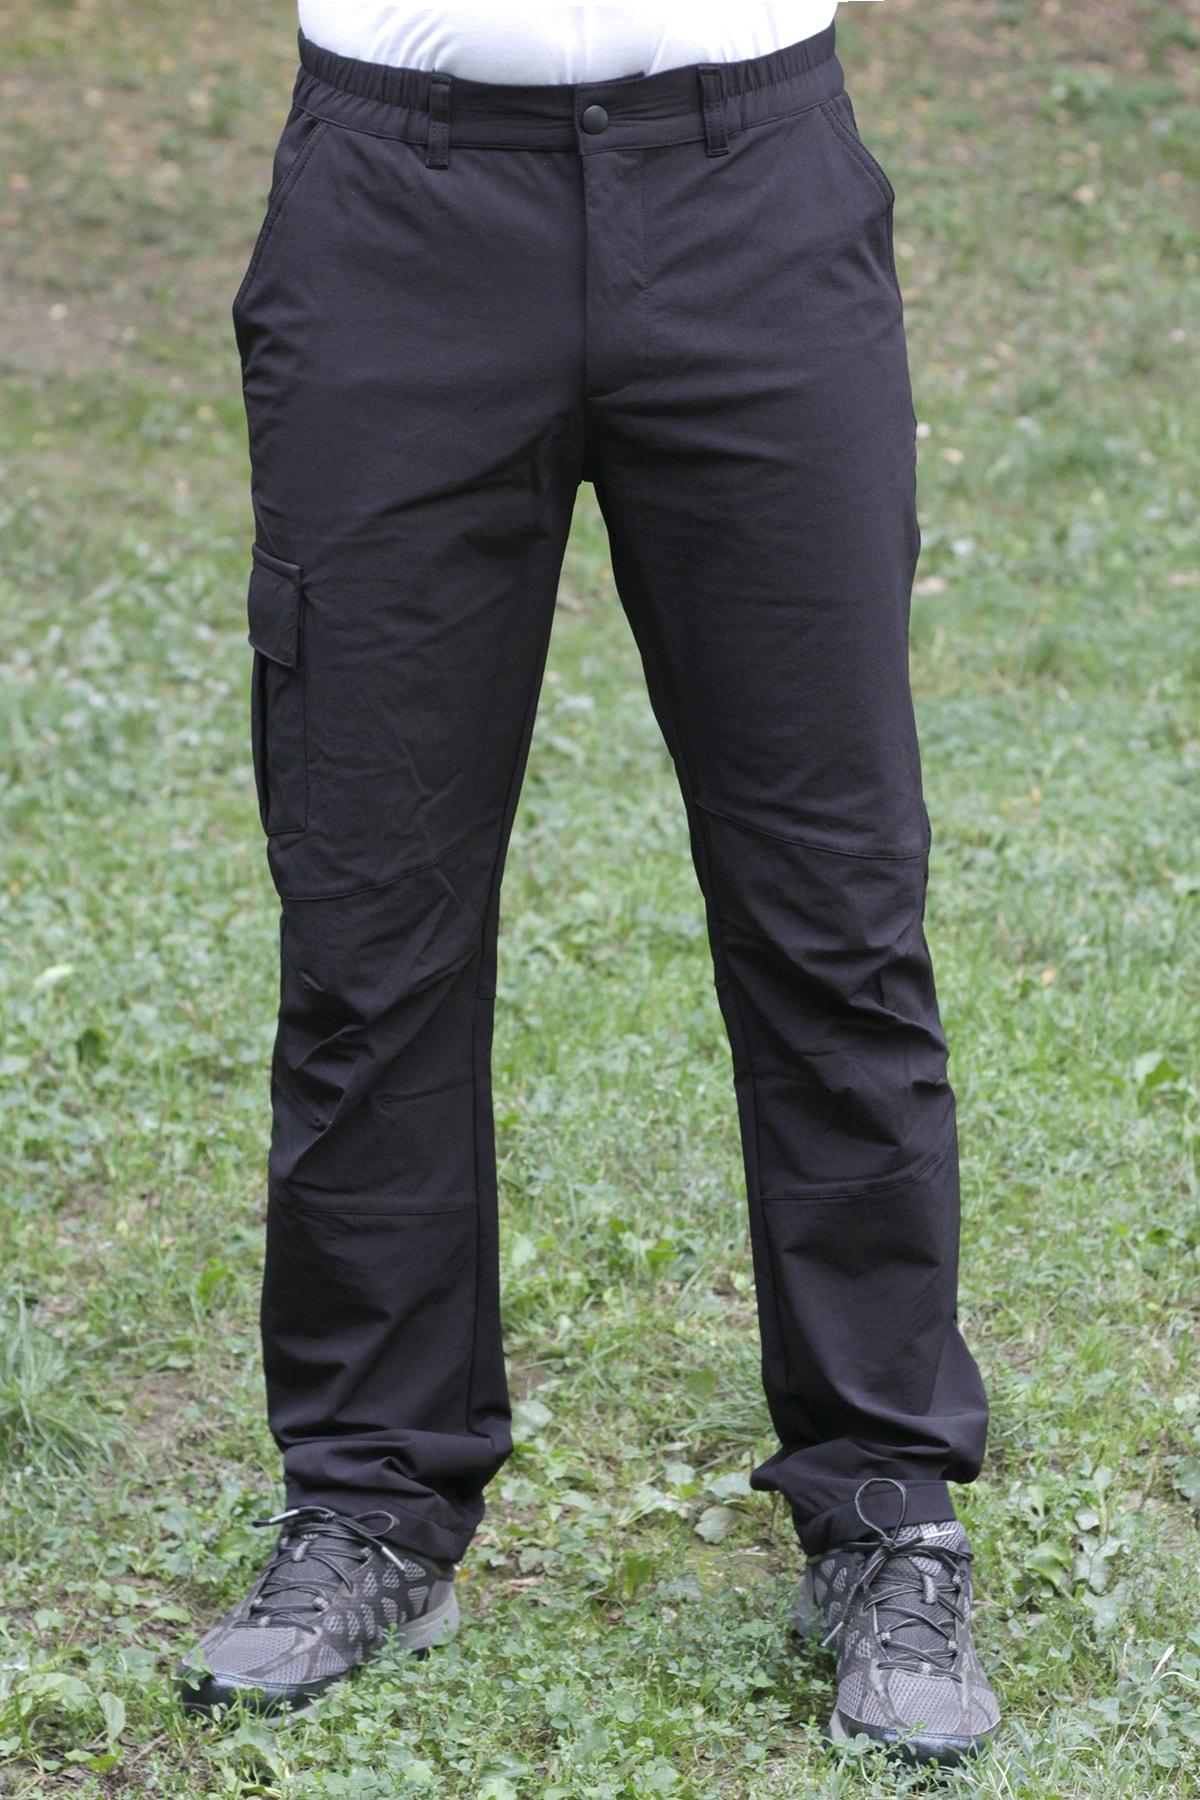 Exuma Erkek Siyah Outdoor Pantolon 2013085-010 1